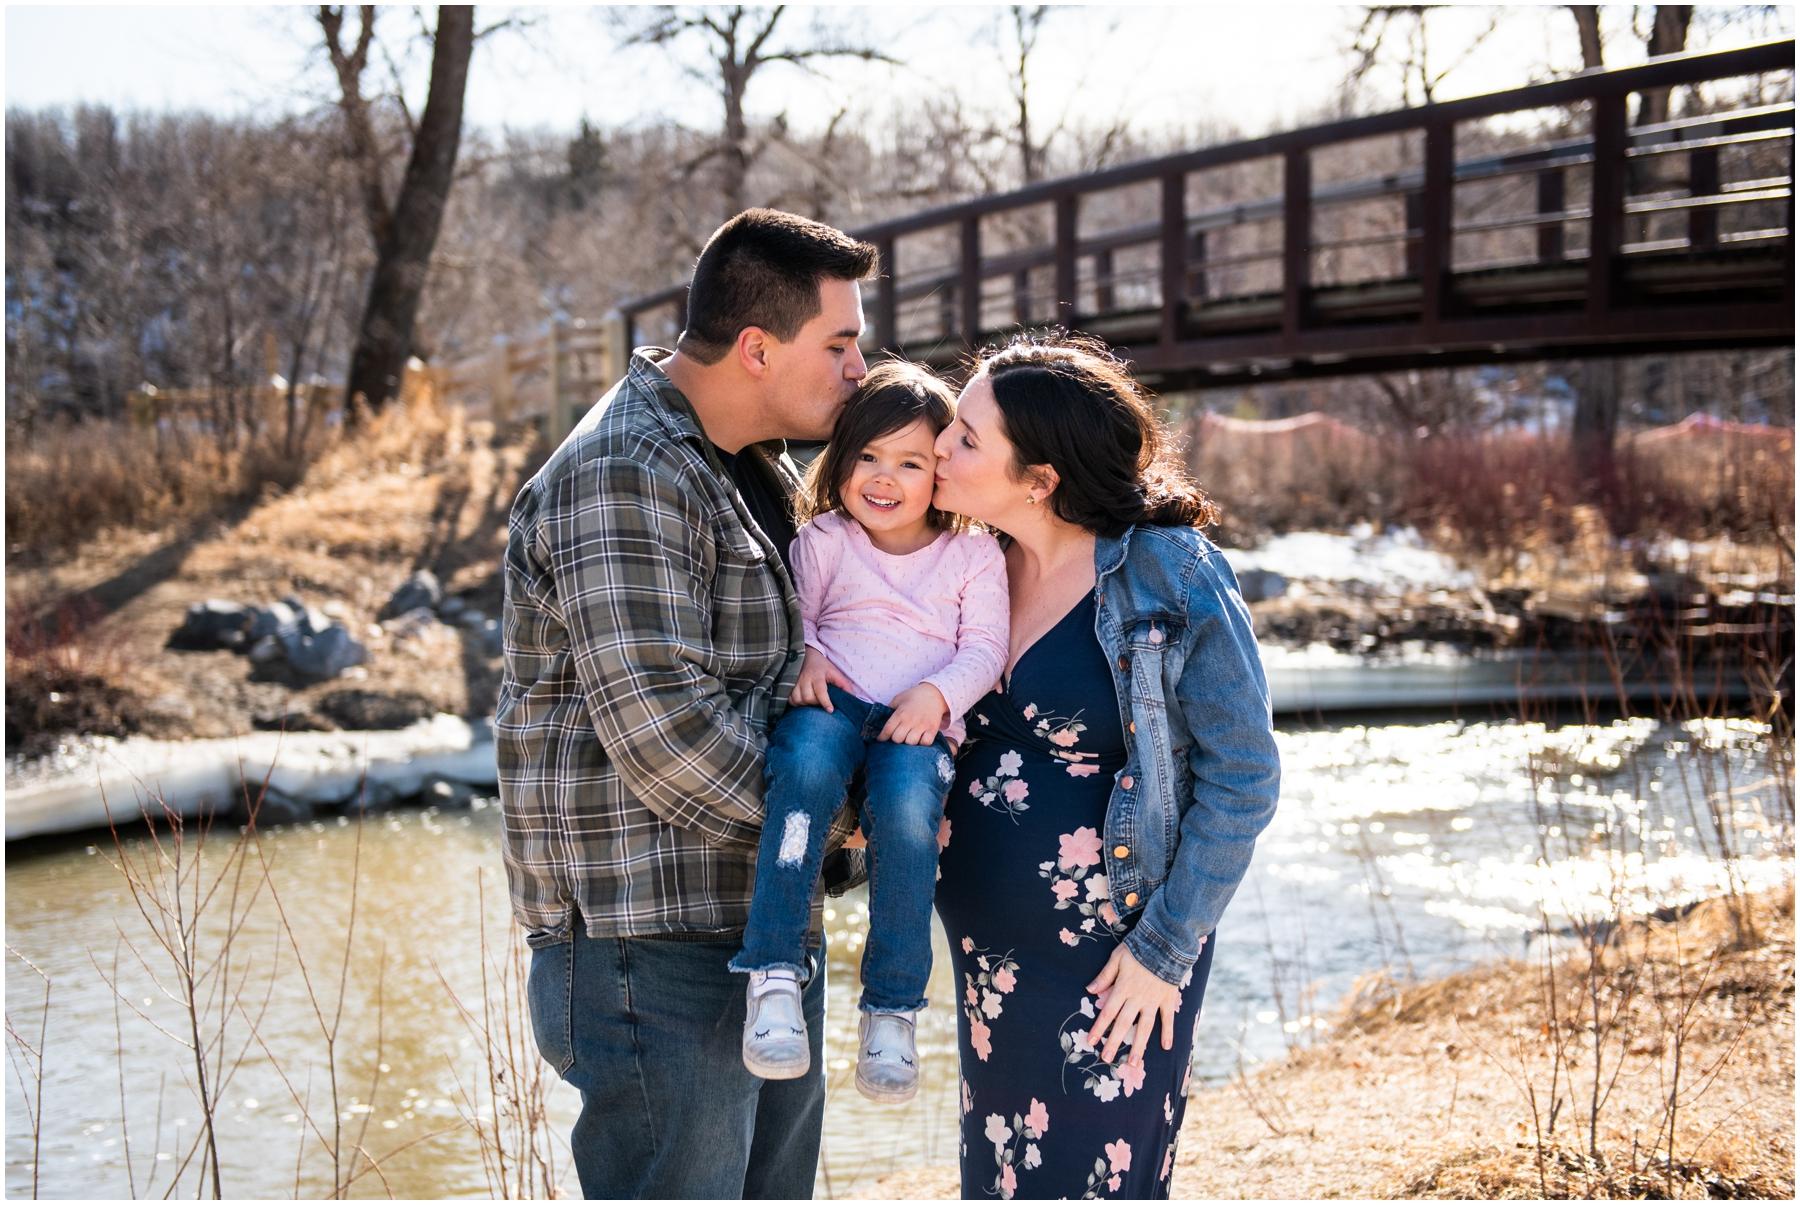 Calgary Spring Family Maternity Photography